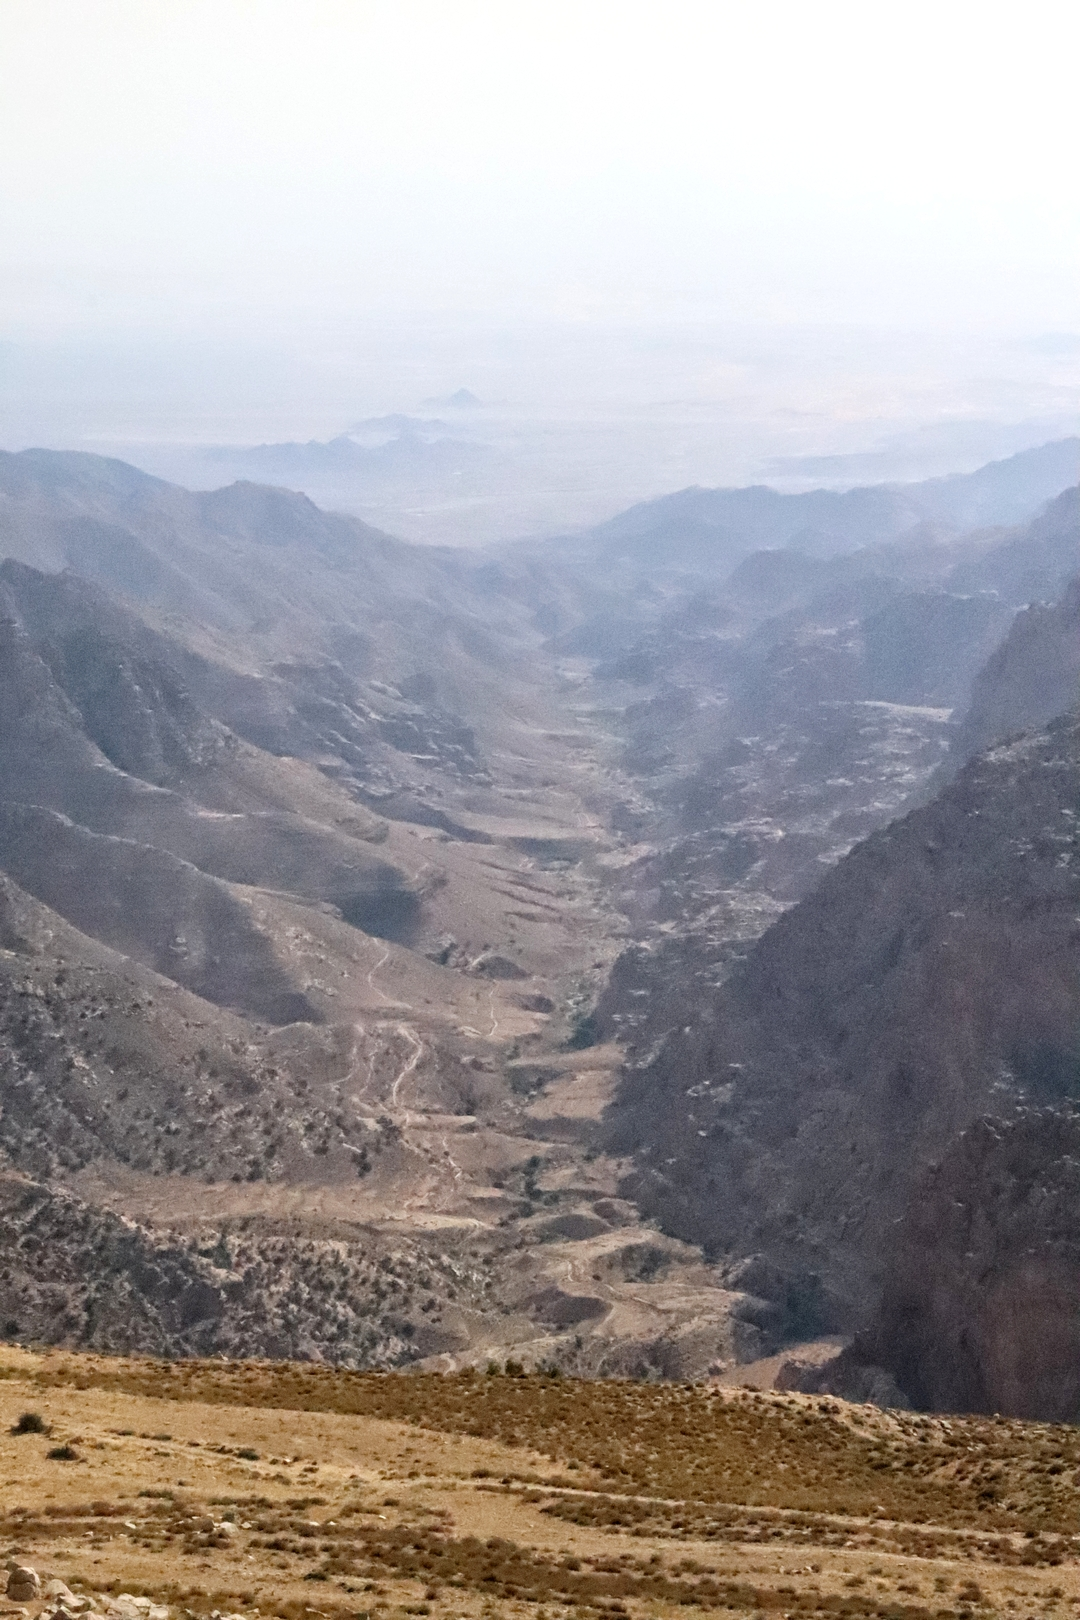 Jordanie - La vallée de Dana